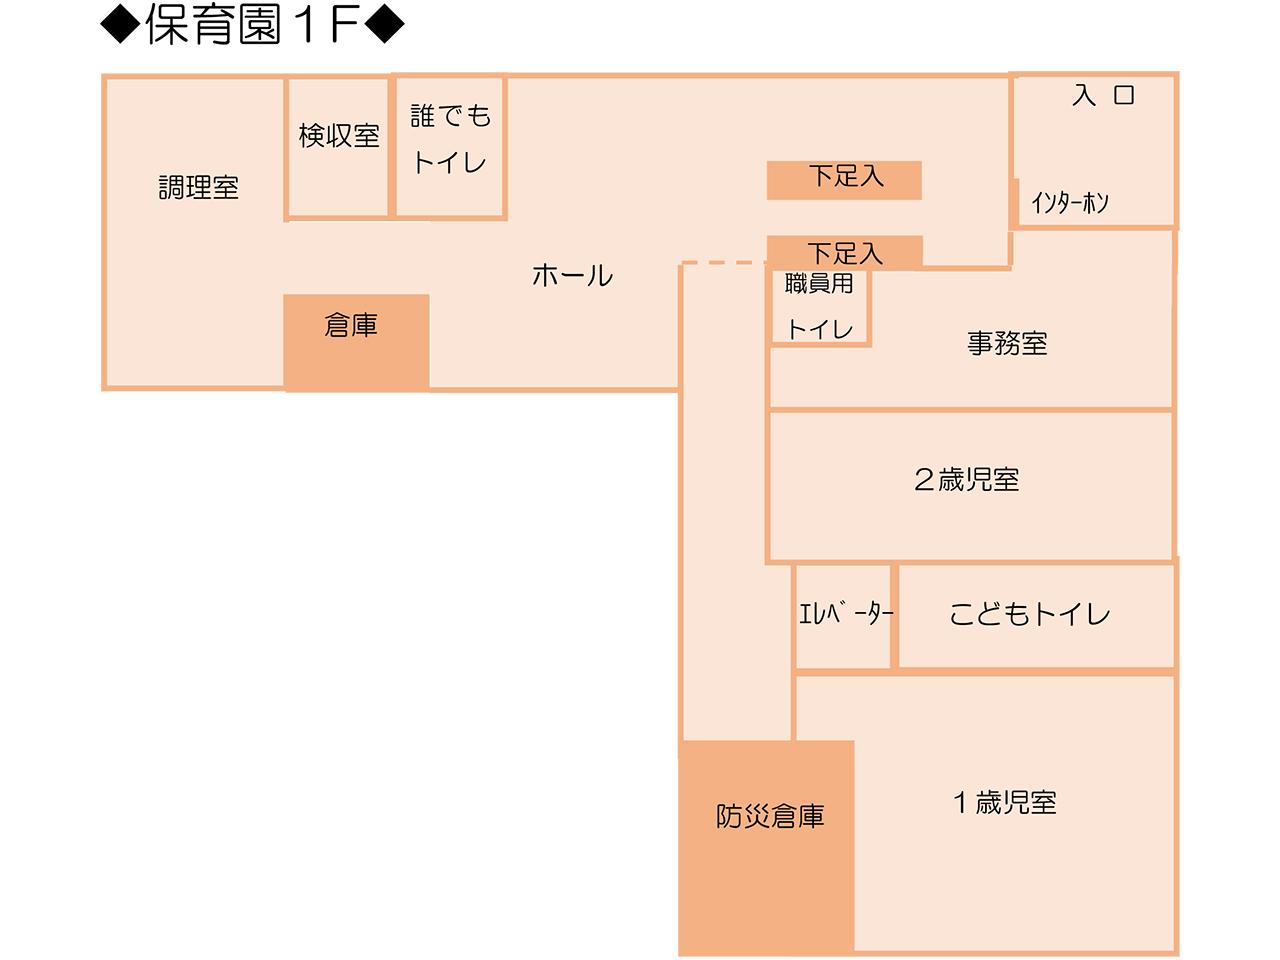 マミー保育園 東陽町 見取り図 1F